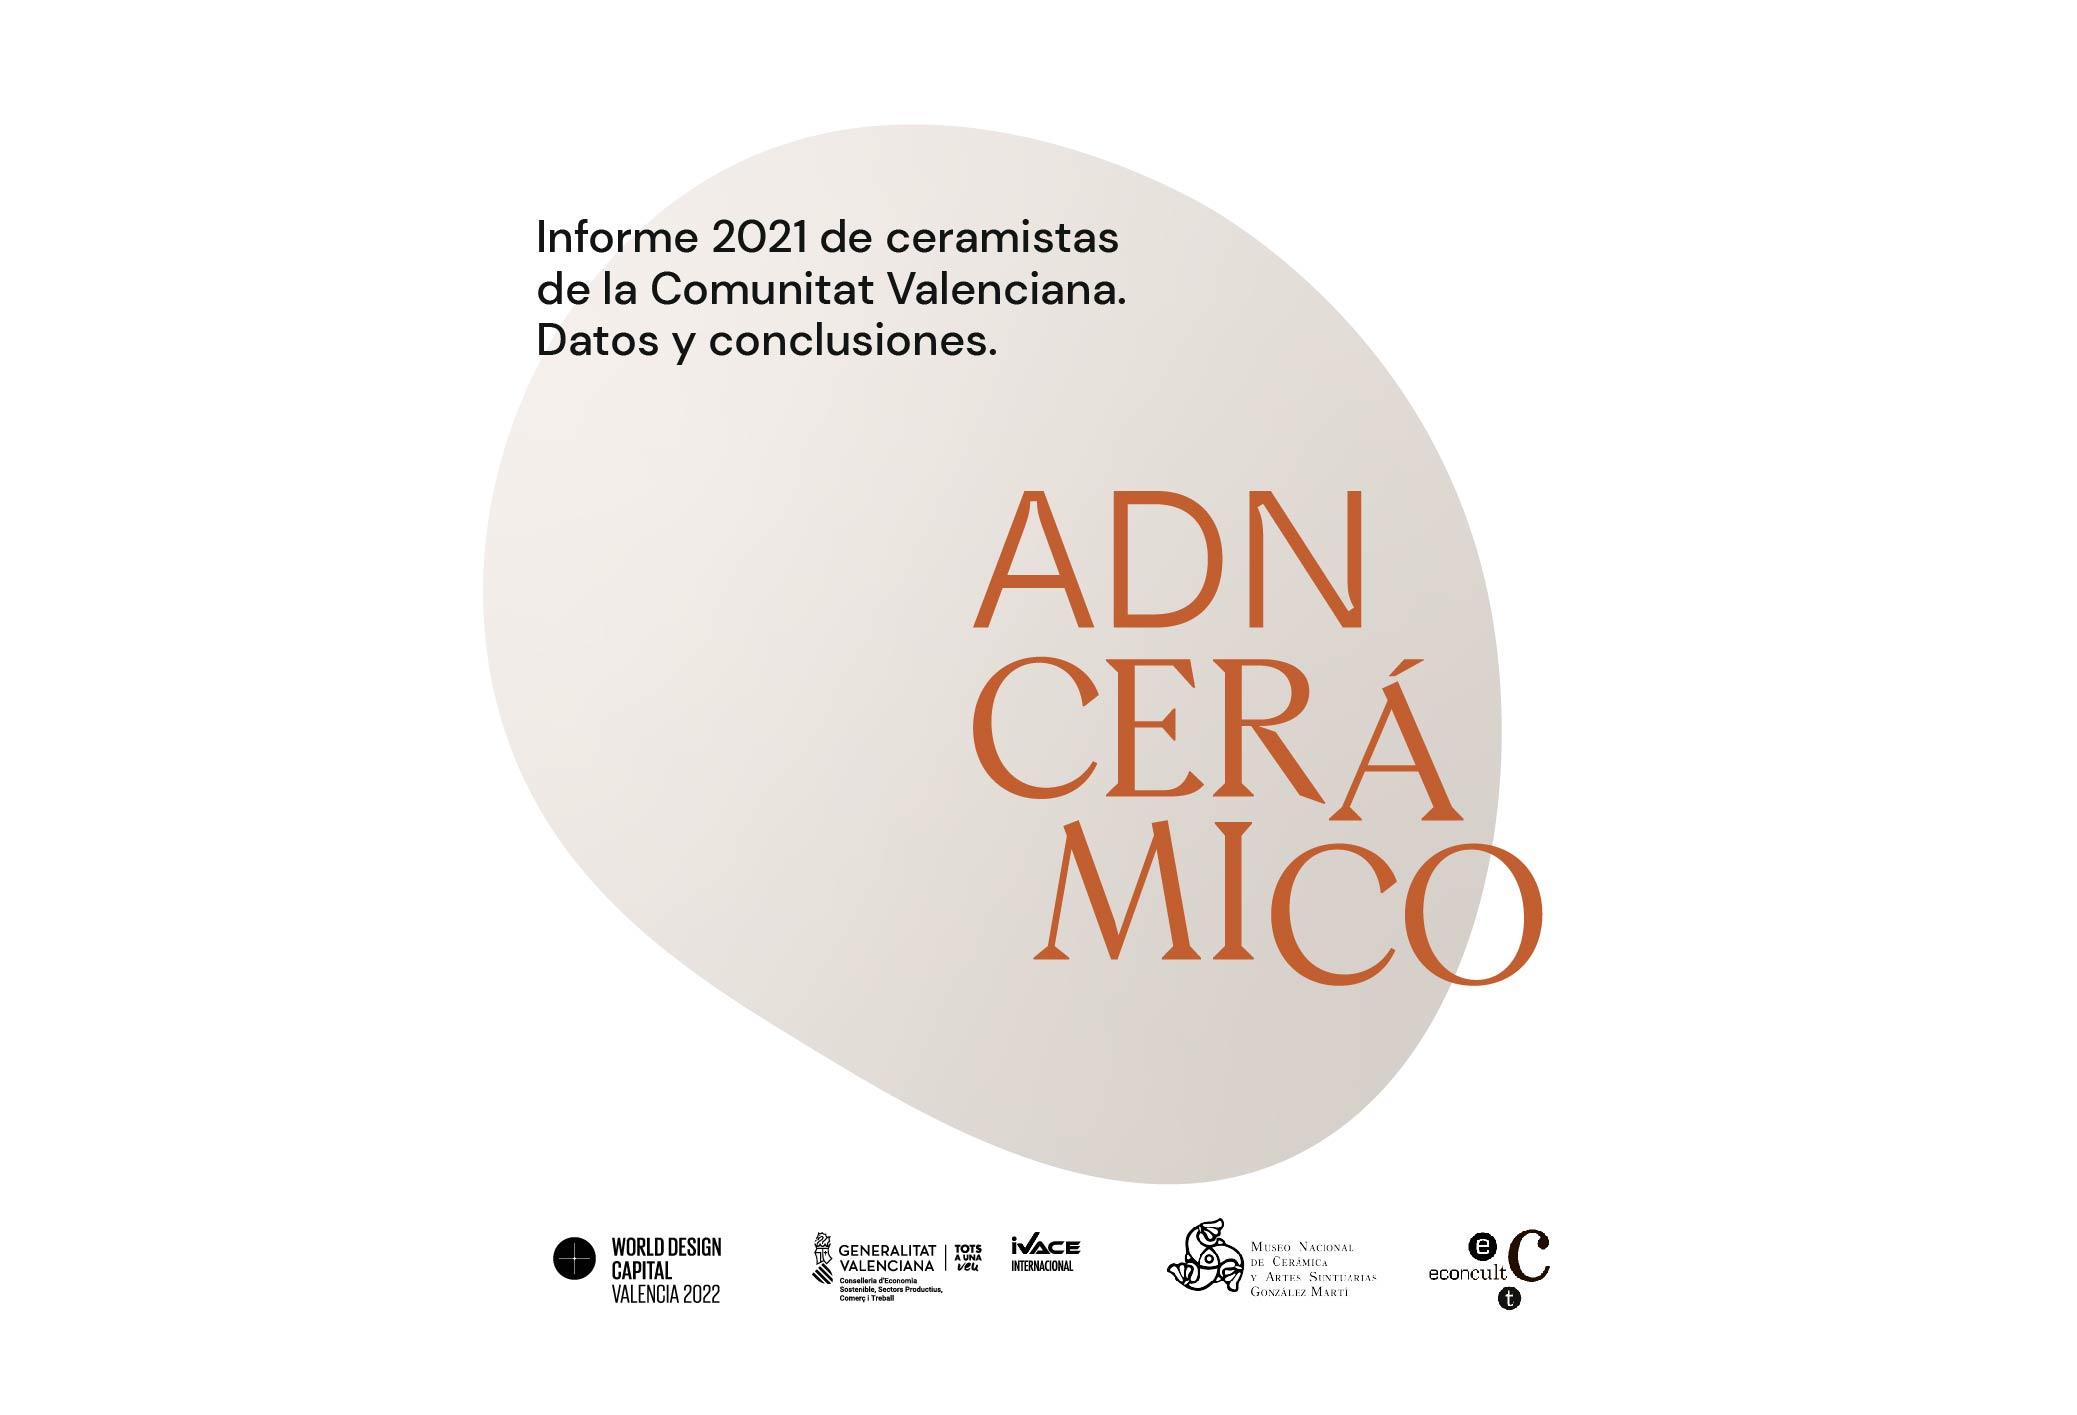 ¿Cómo es el sector cerámico de la Comunitat Valenciana?